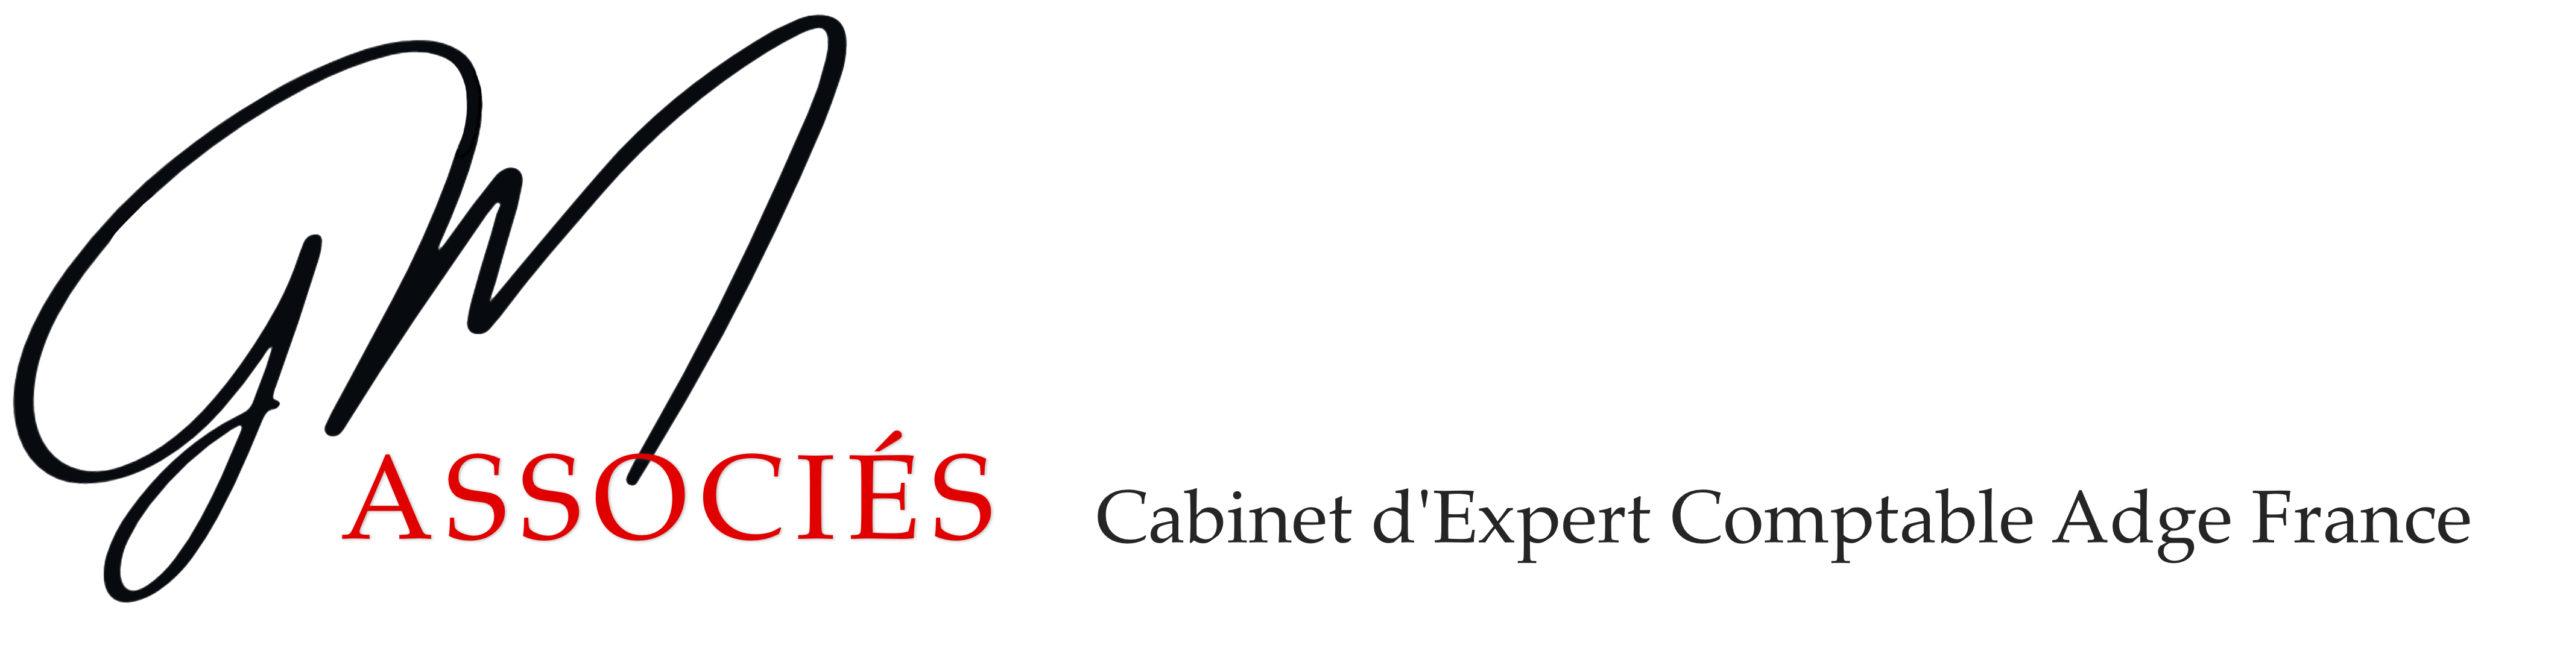 Logo de GM Associés cabinet d'expert compatble